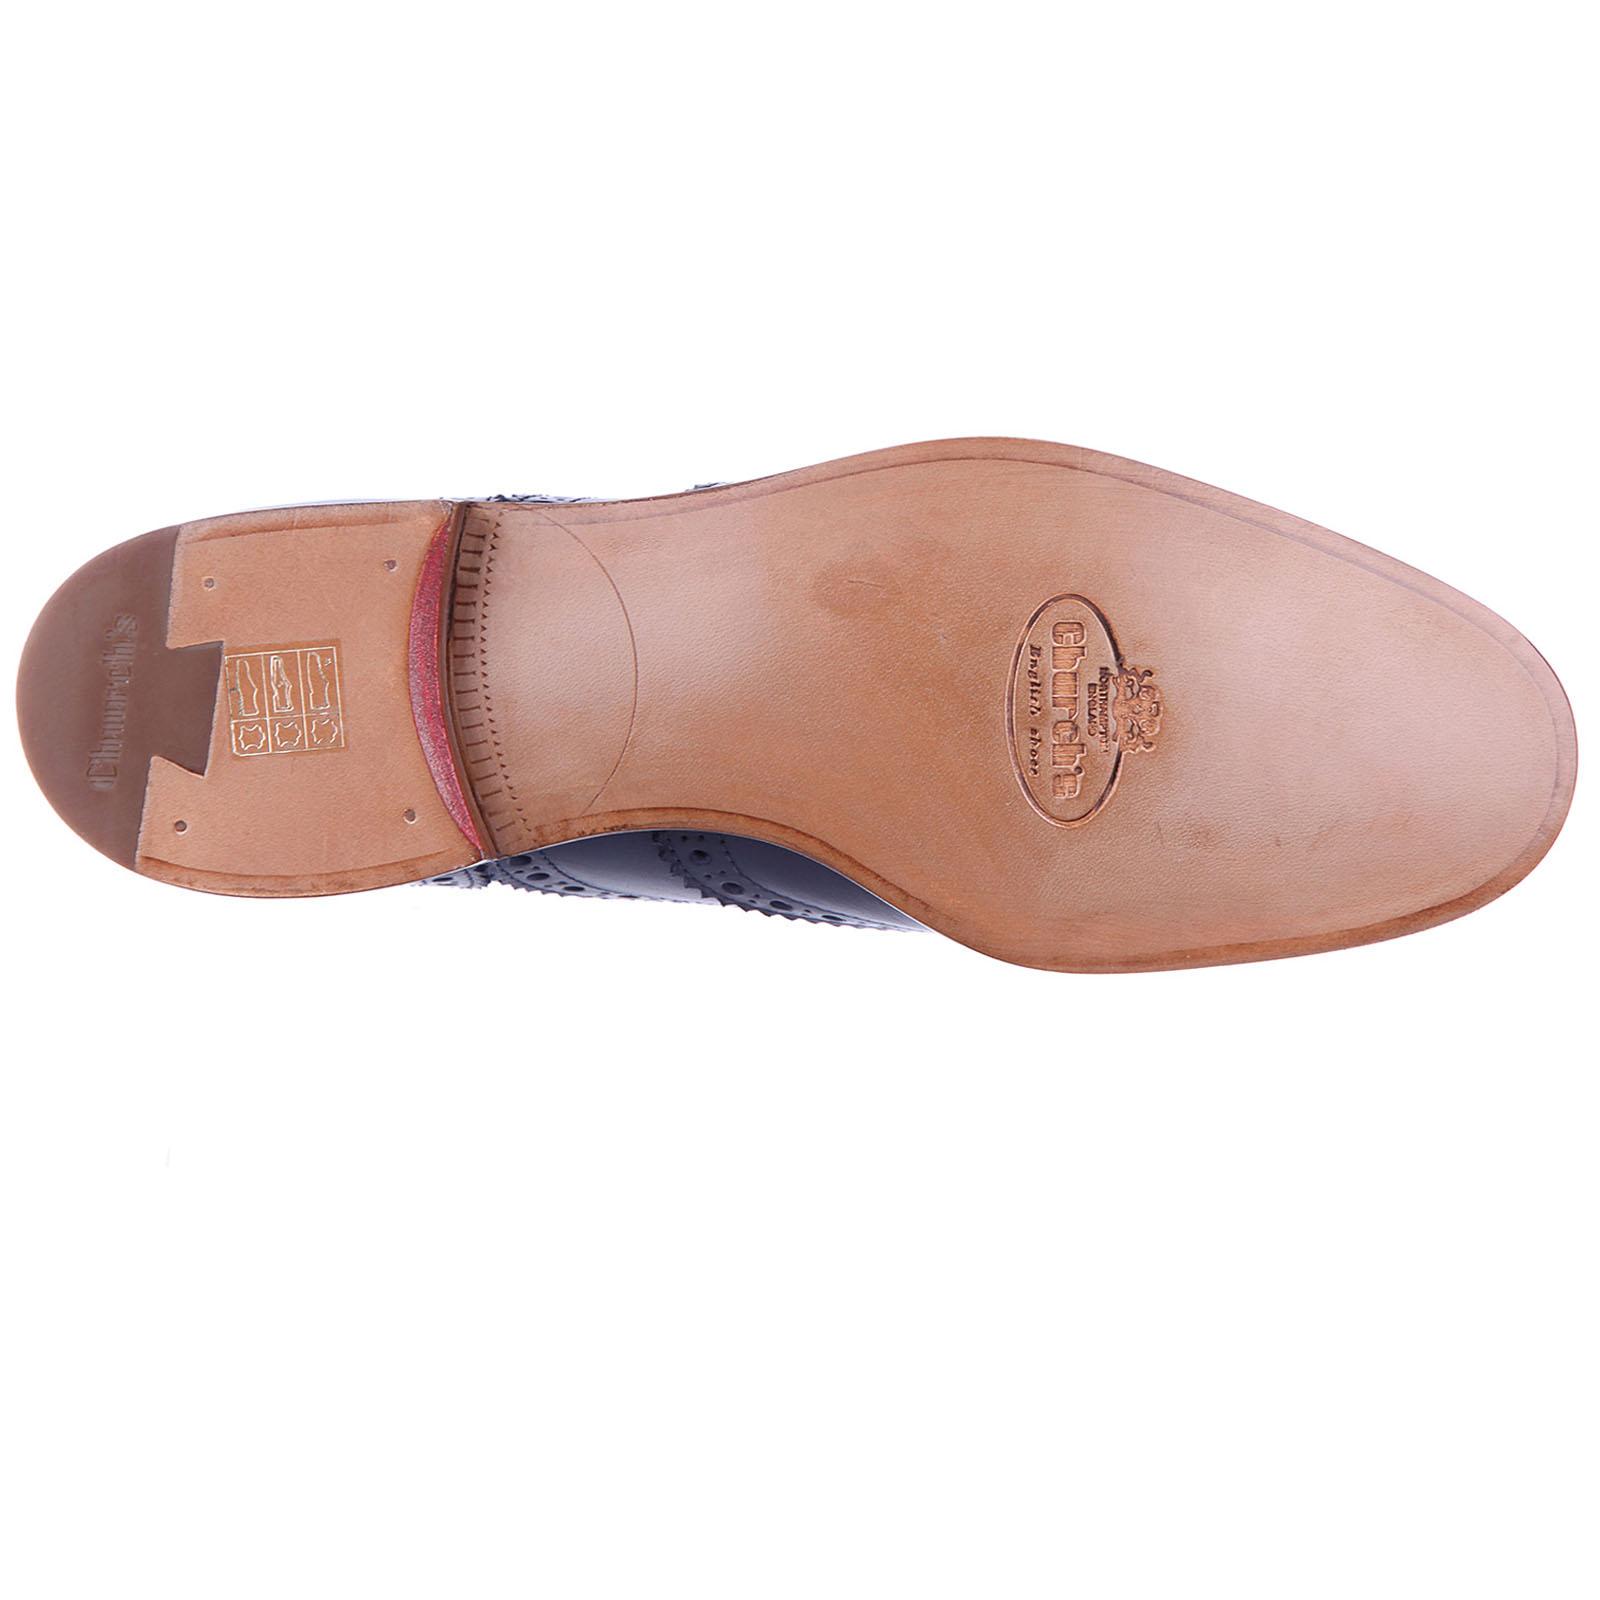 Clásico zapatos de cordones mujer en piel burwood hole brogue